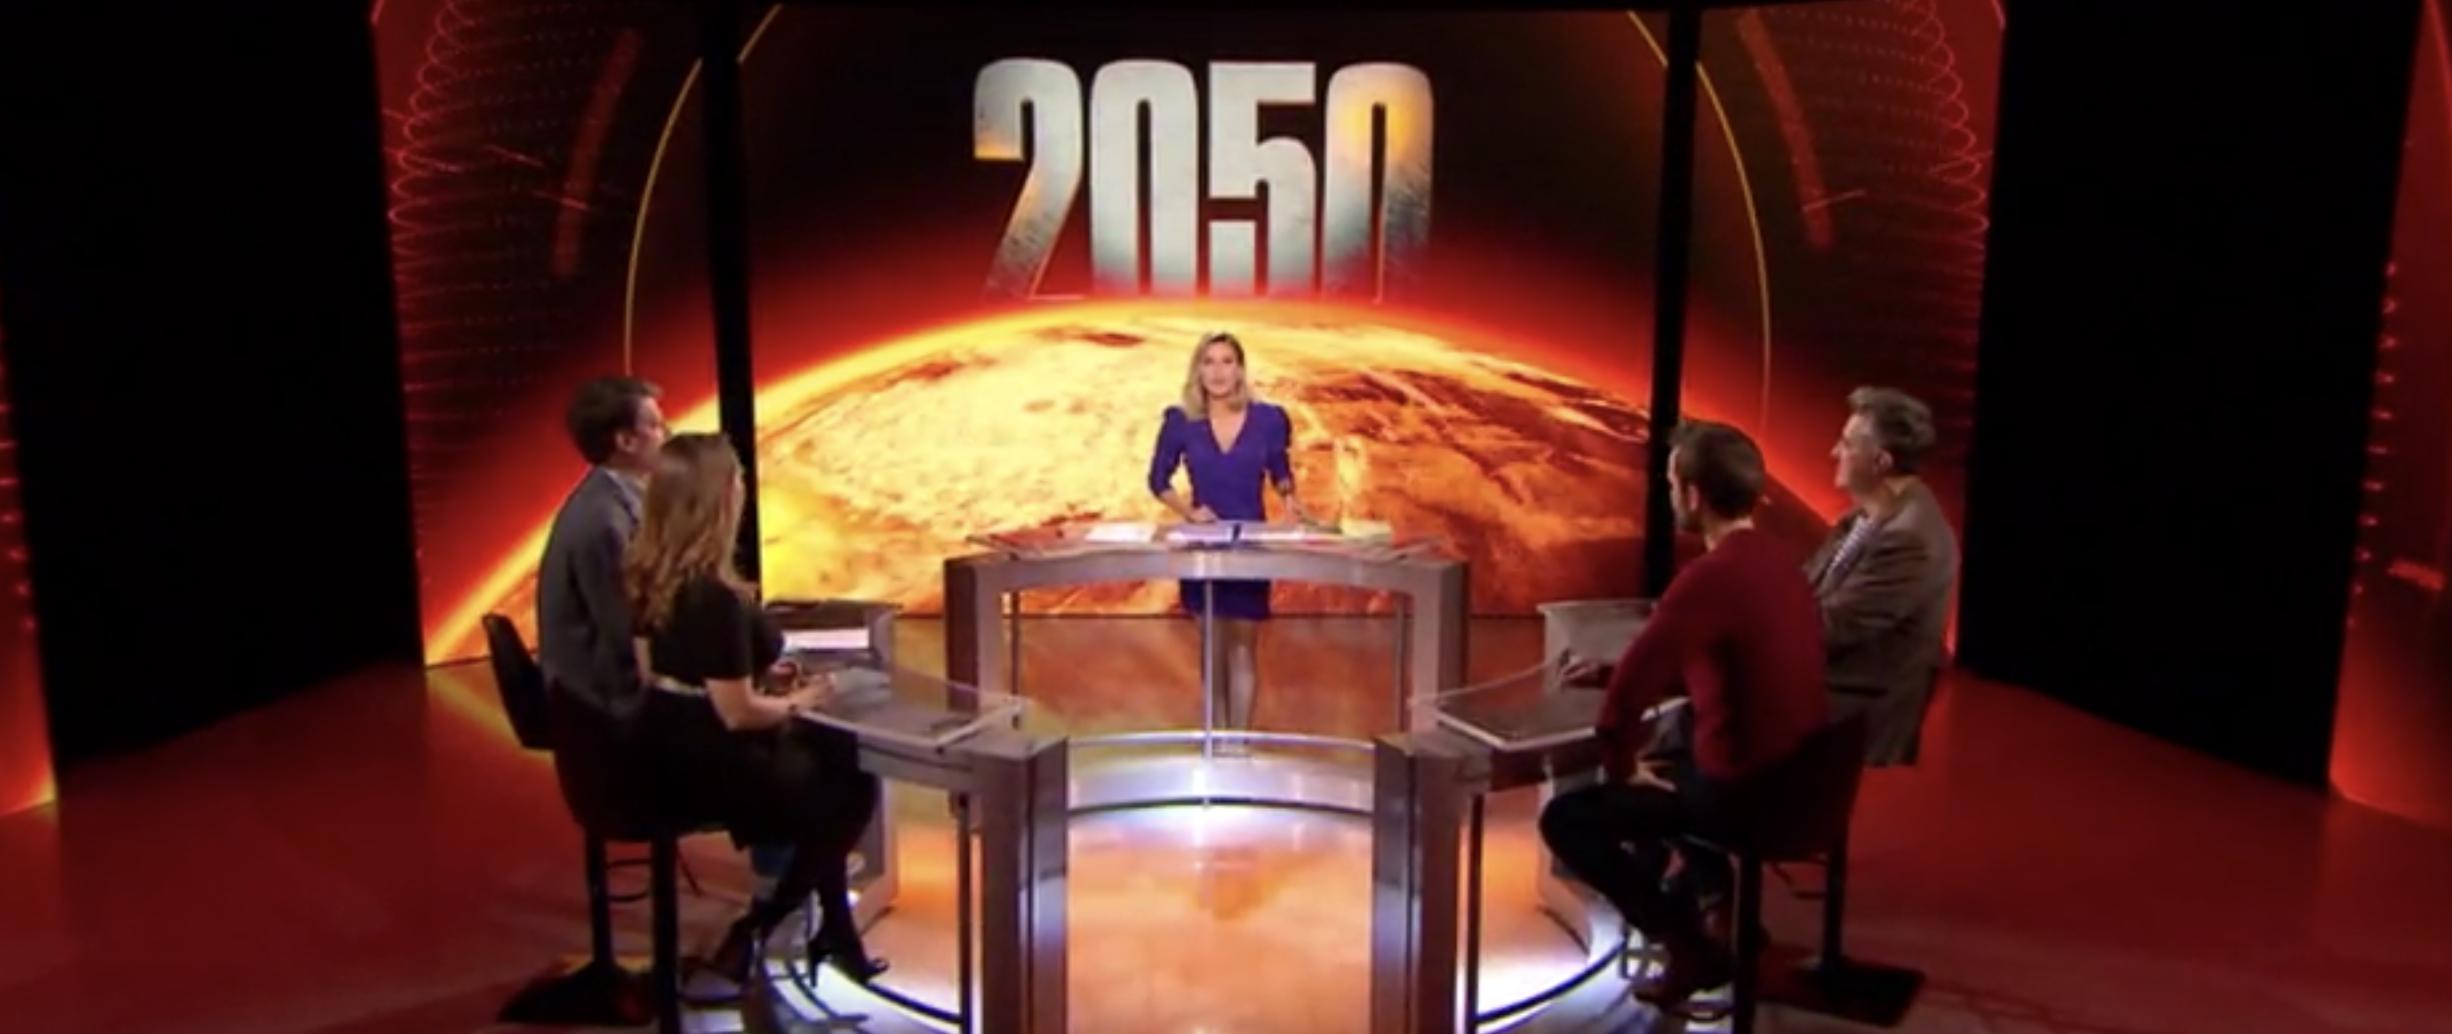 2050 - Alerte climat - W9 - documentaire - Stéphanie Renouvin - débat